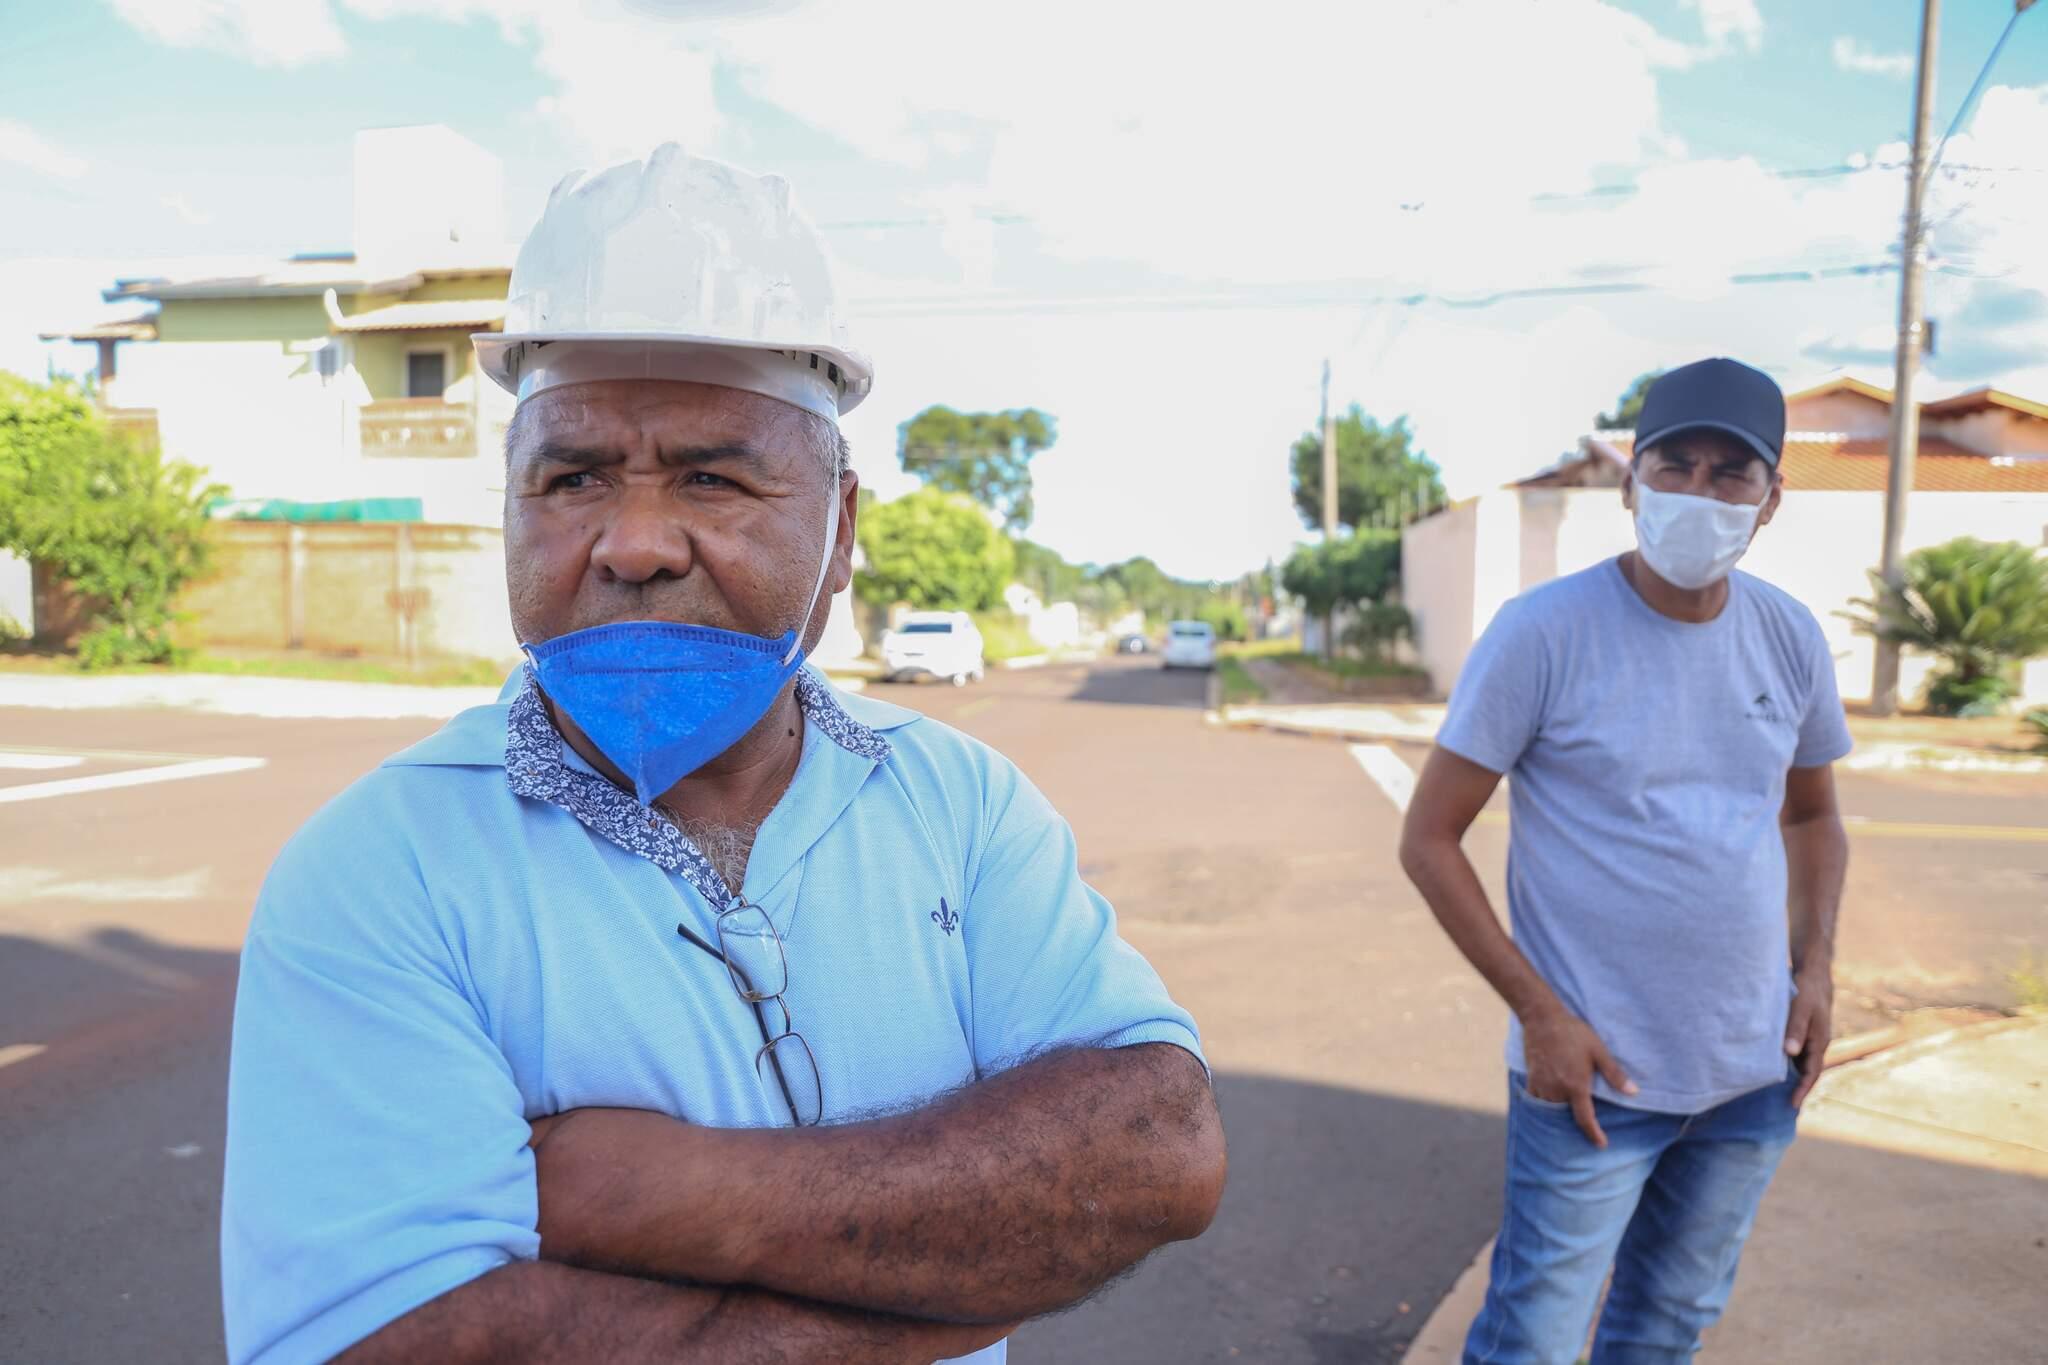 Construtor, Crispim (à esquerda) afirma que diversas medidas foram adotadas em canteiro de obras (Foto: Paulo Francis)